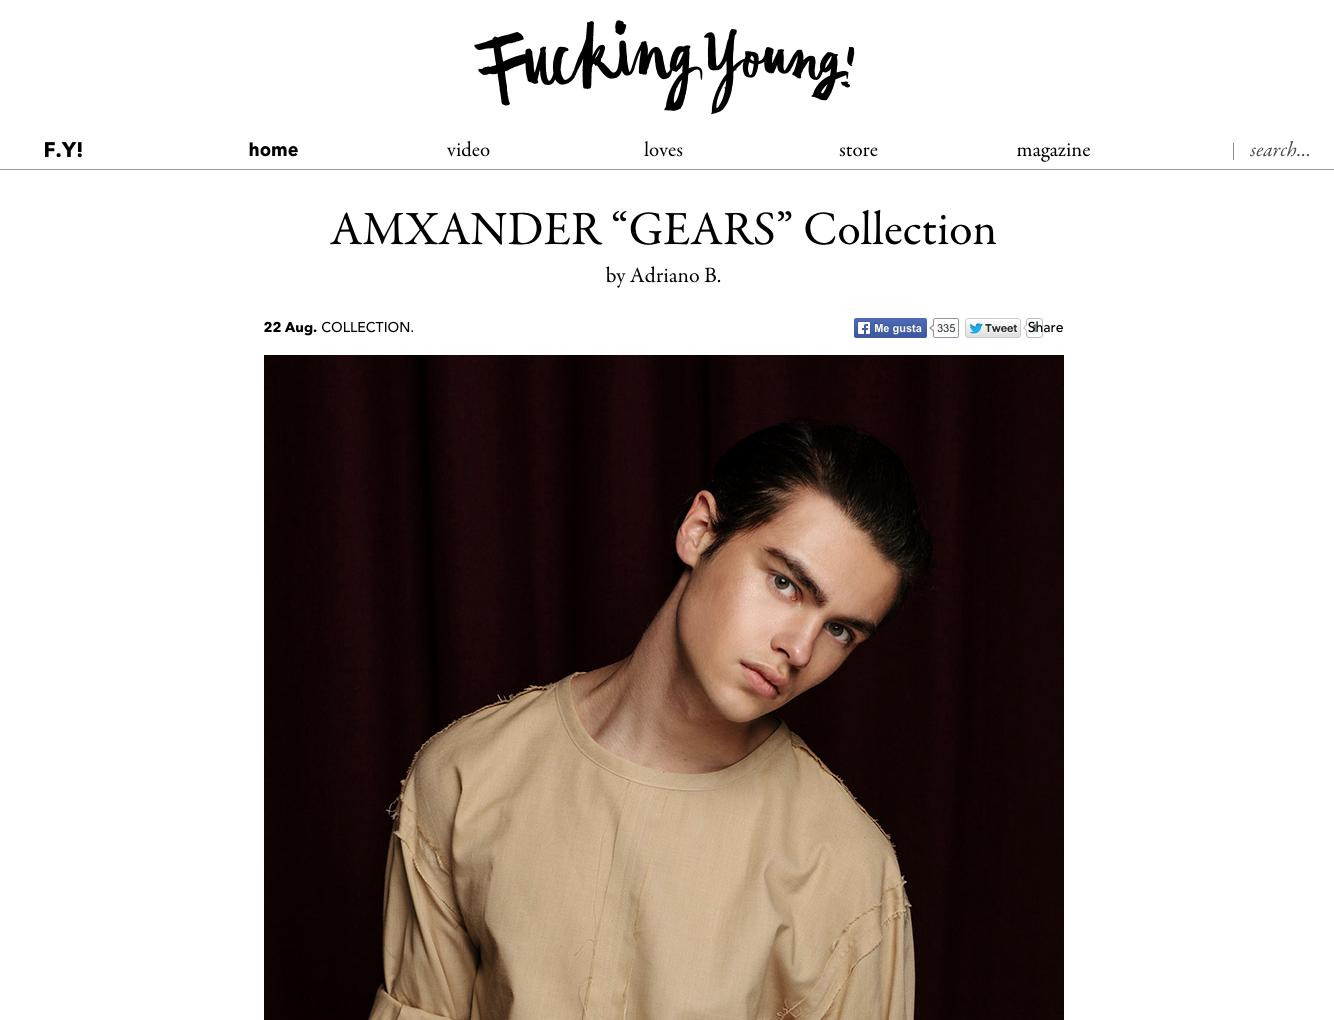 FUcking_young_magazine_screenshot.png